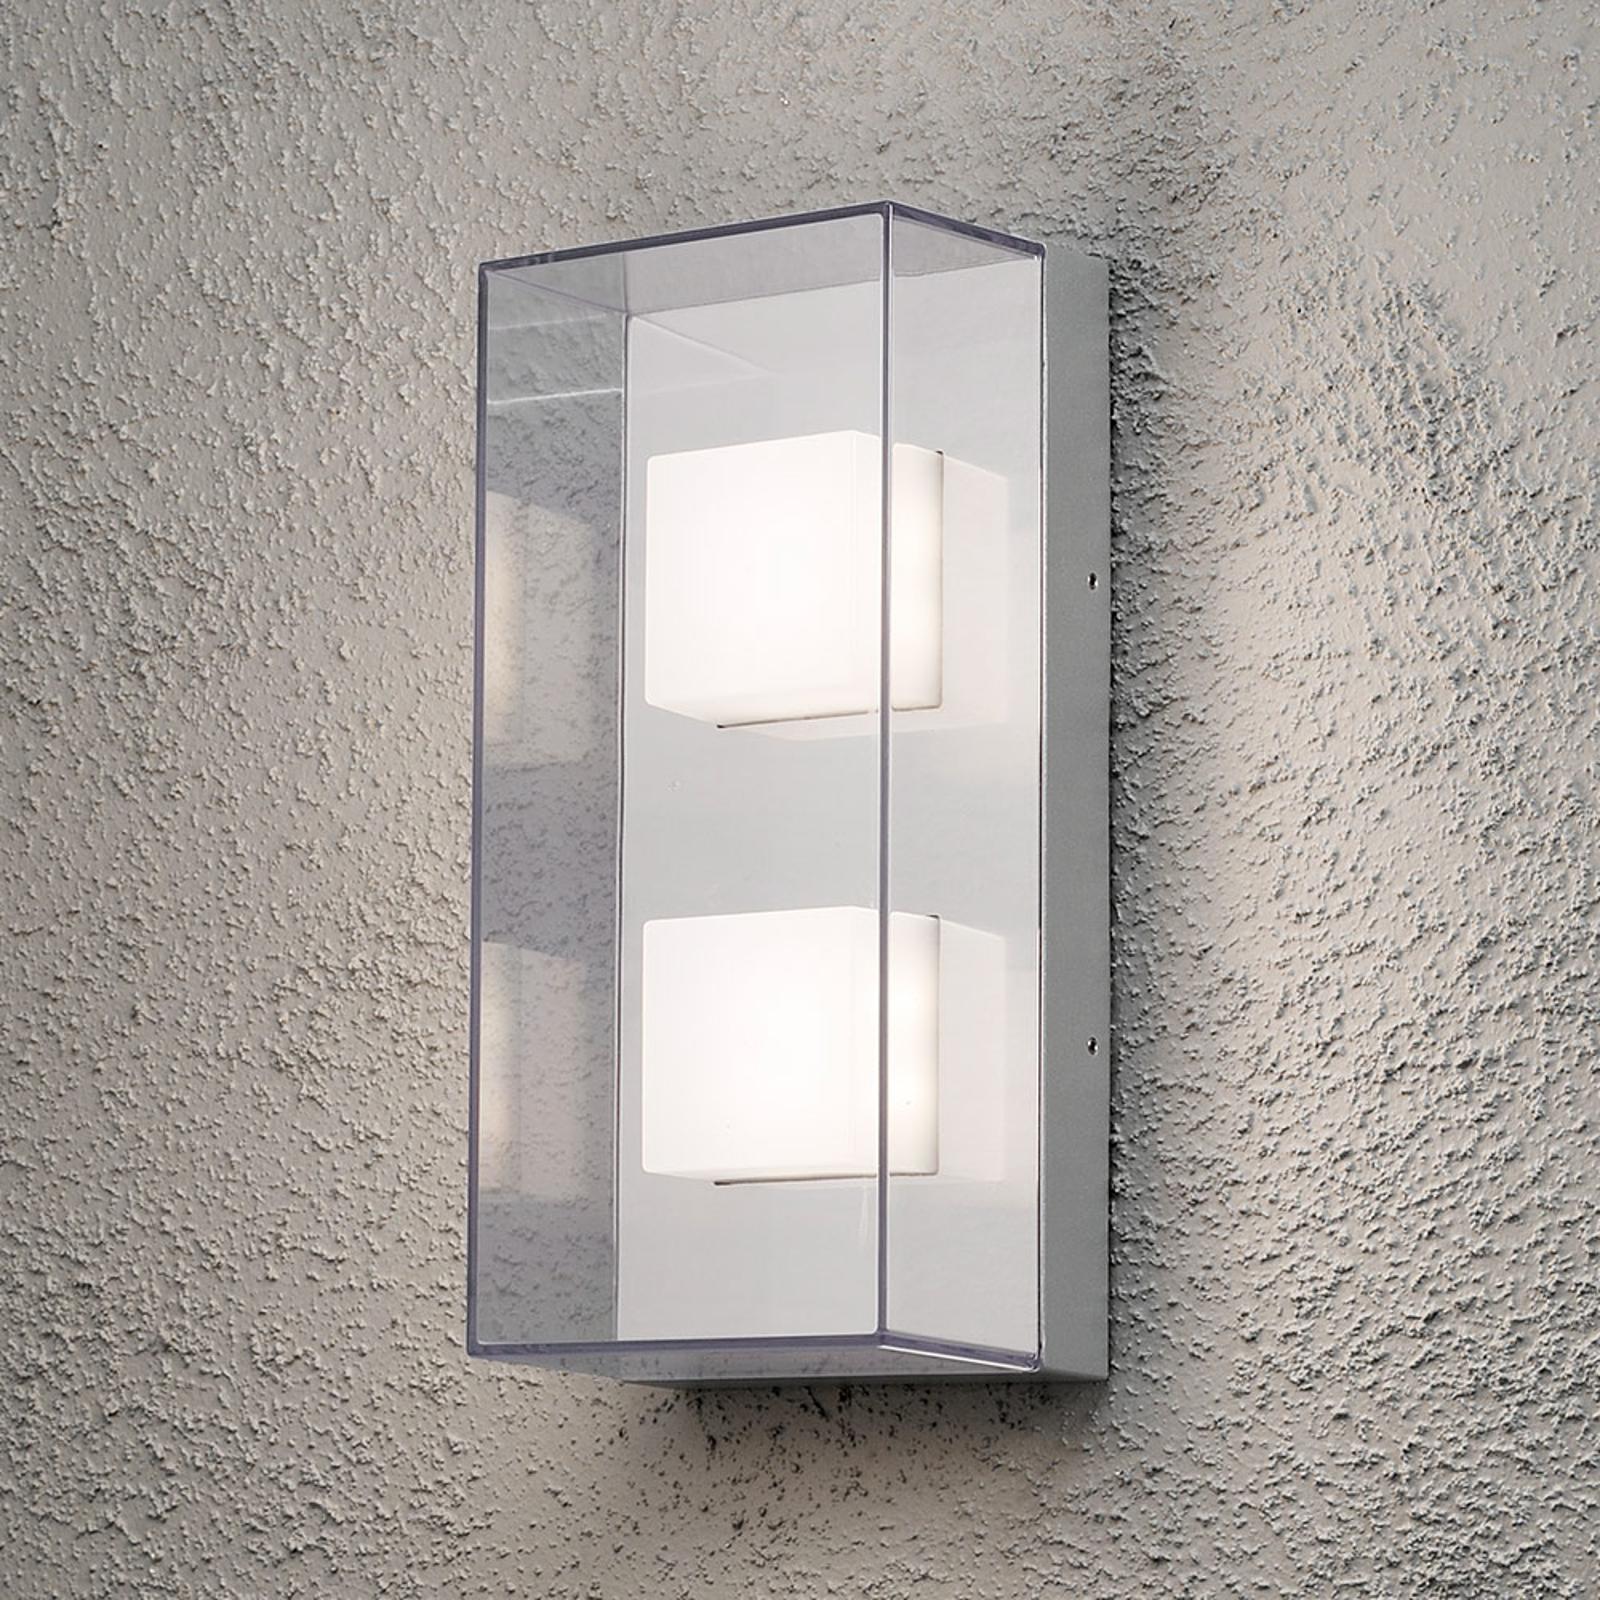 Applique d'extérieur LED rectangulaire Sanremo